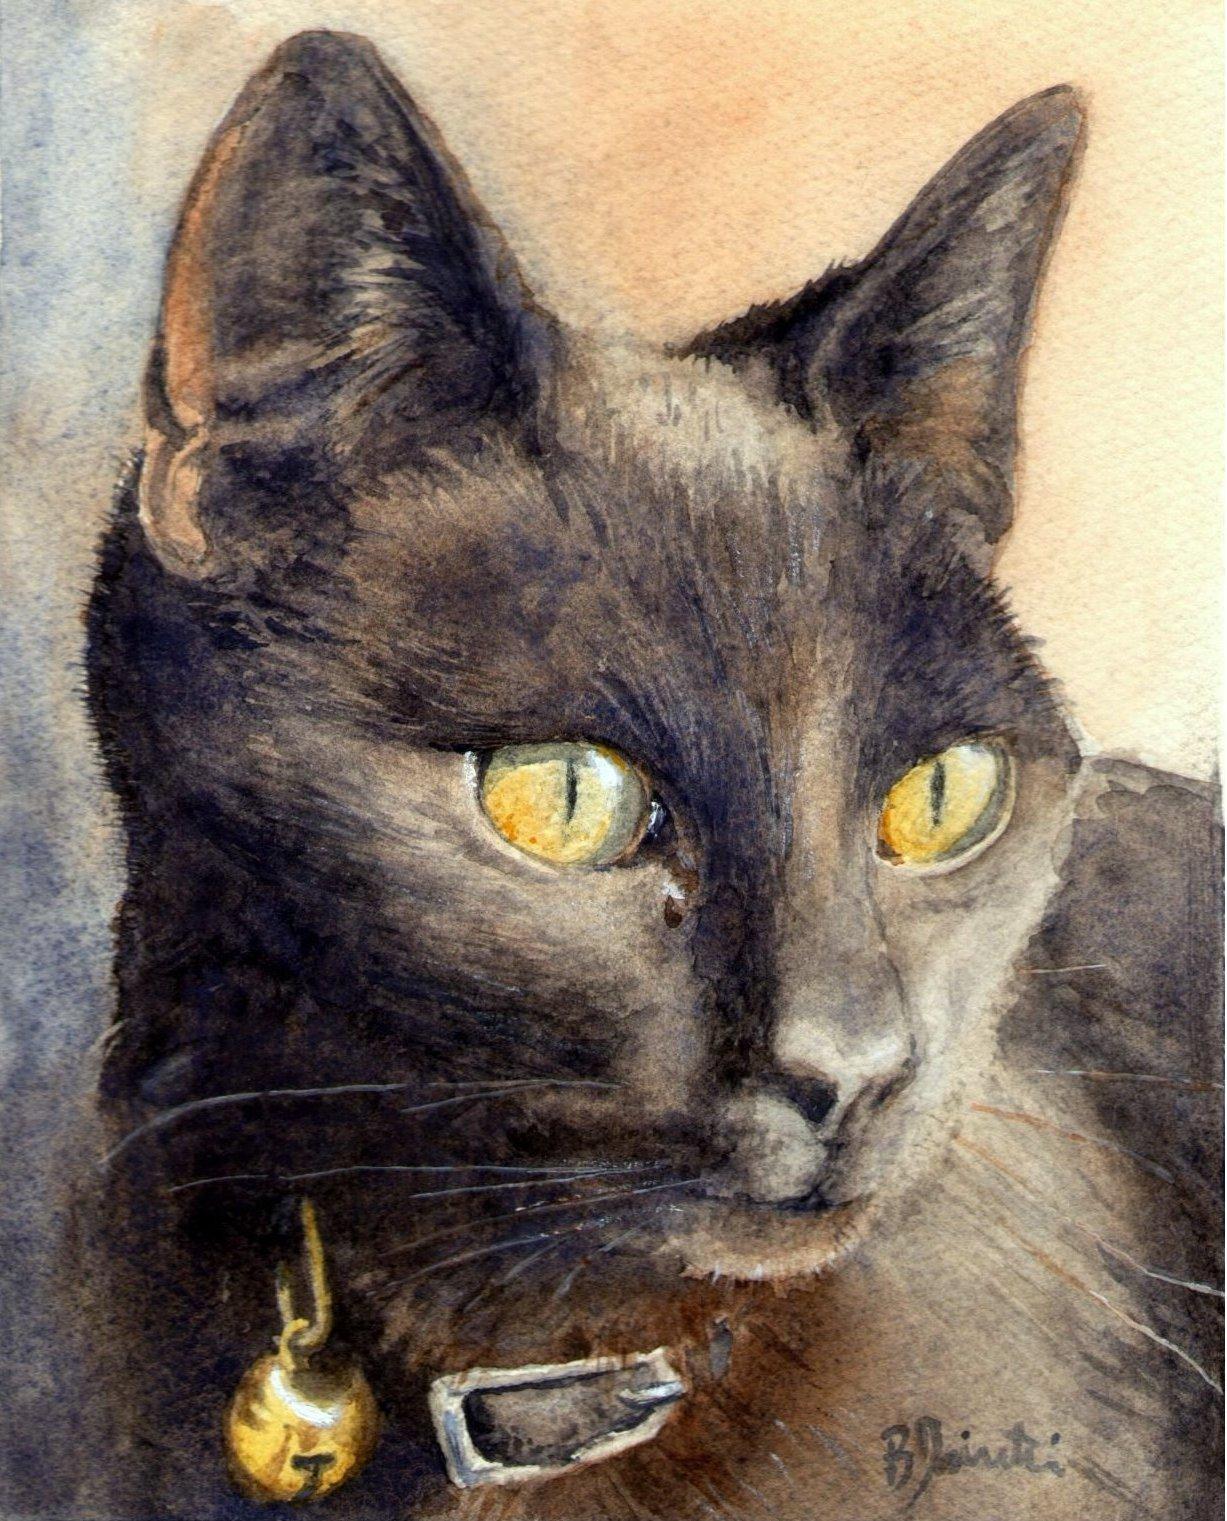 Bartolo Pairetti - Ronf, Il Gatto